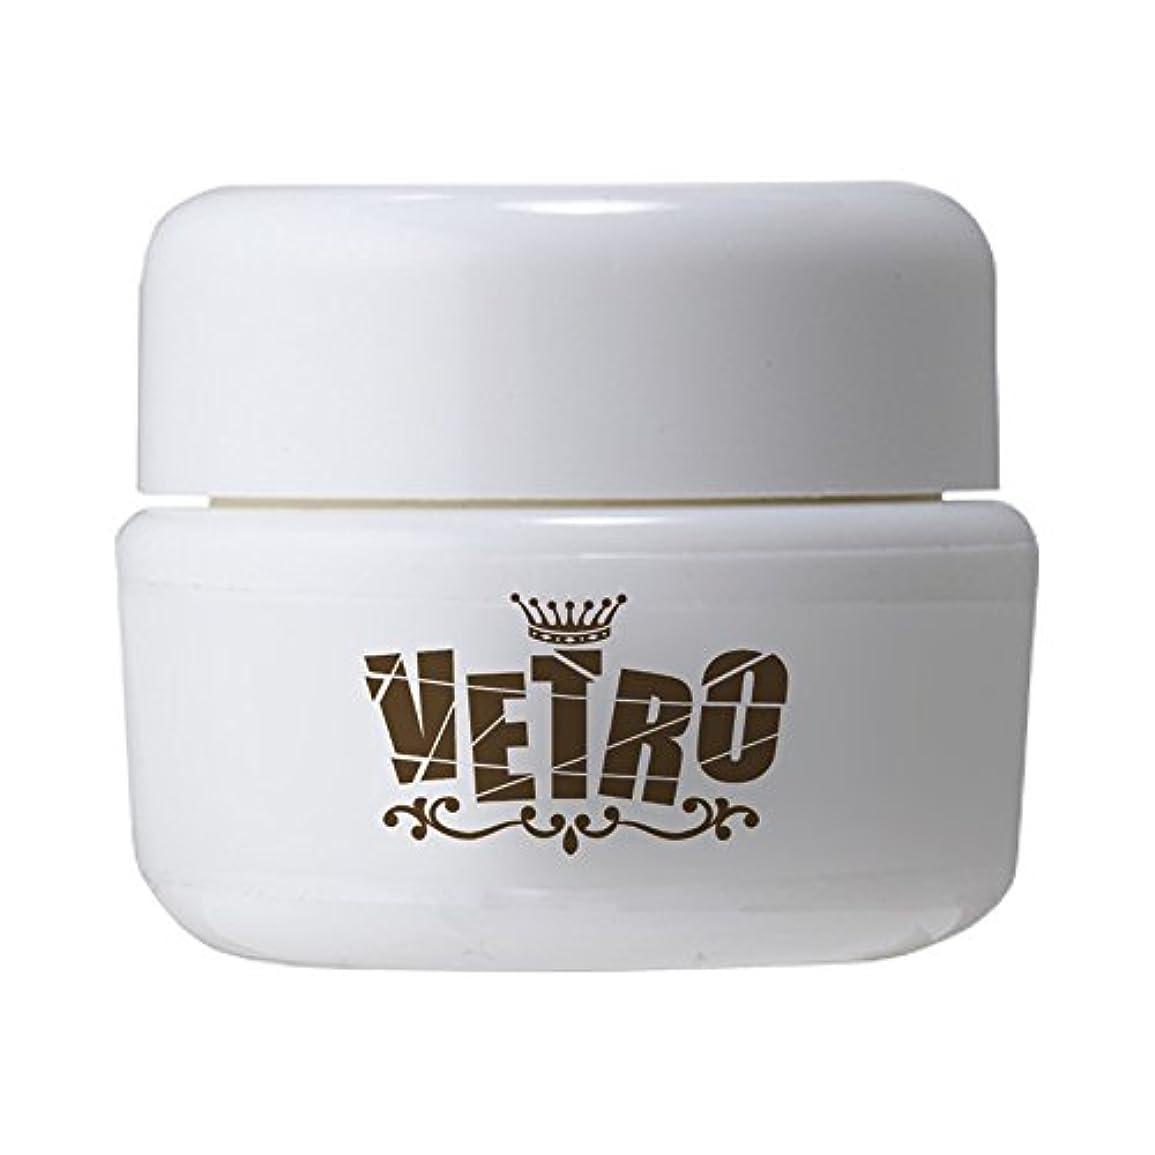 スーパーマーケット脈拍発信VETRO No.19 カラージェル マット VL427 4mL ユーカリ UV/LED対応